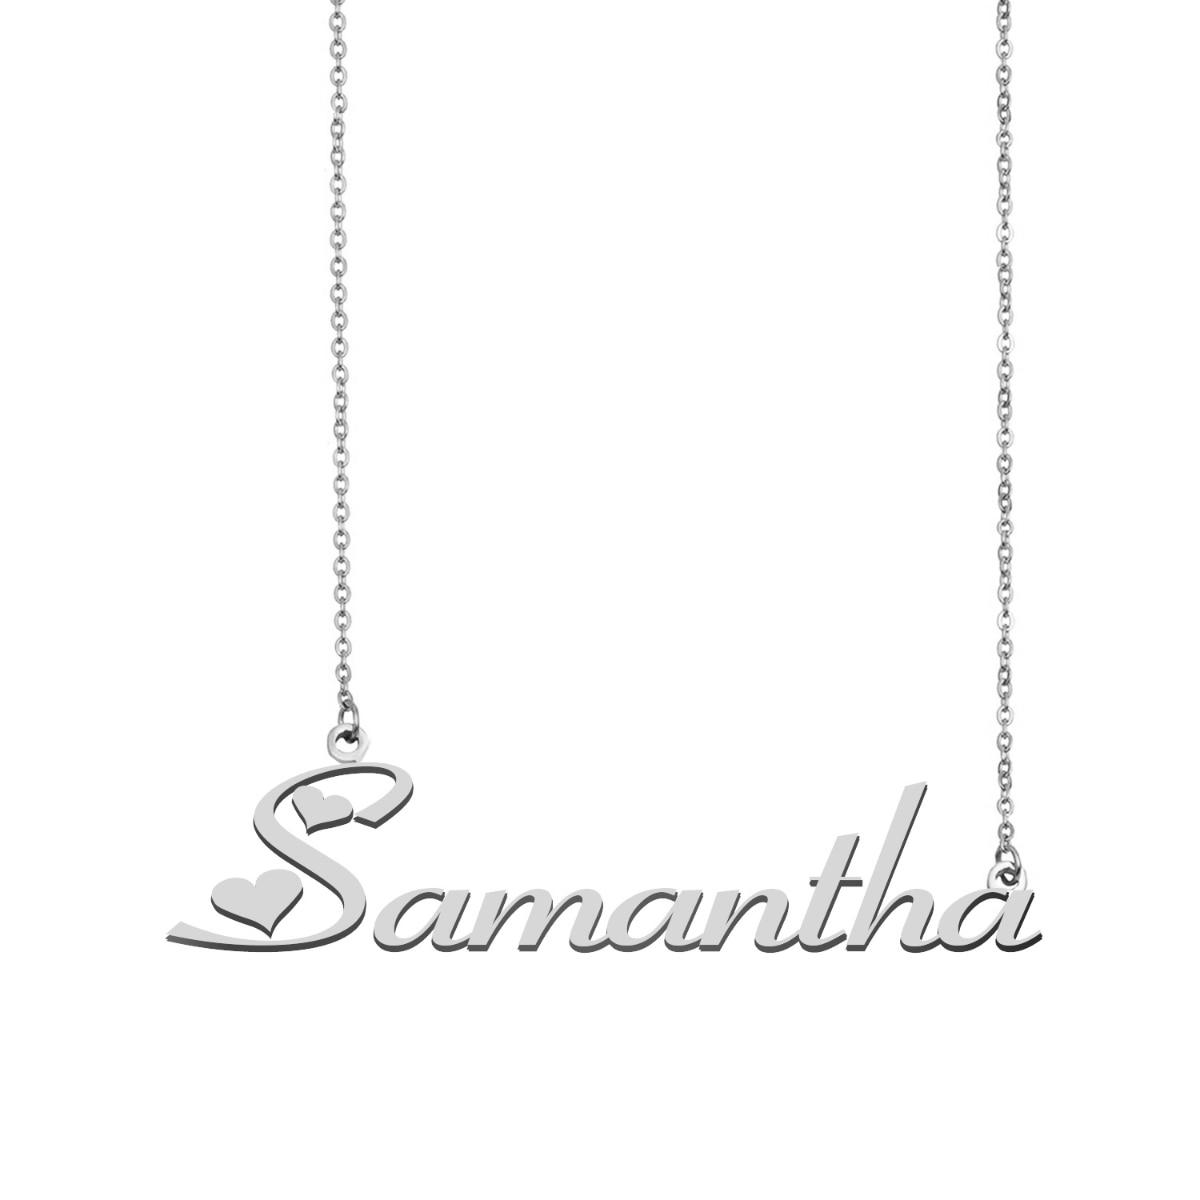 سامانثا اسم قلادة شخصية الفولاذ المقاوم للصدأ المرأة المختنق 18k مطلية بالذهب الأبجدية قلادة بحرف مجوهرات أصدقاء هدية